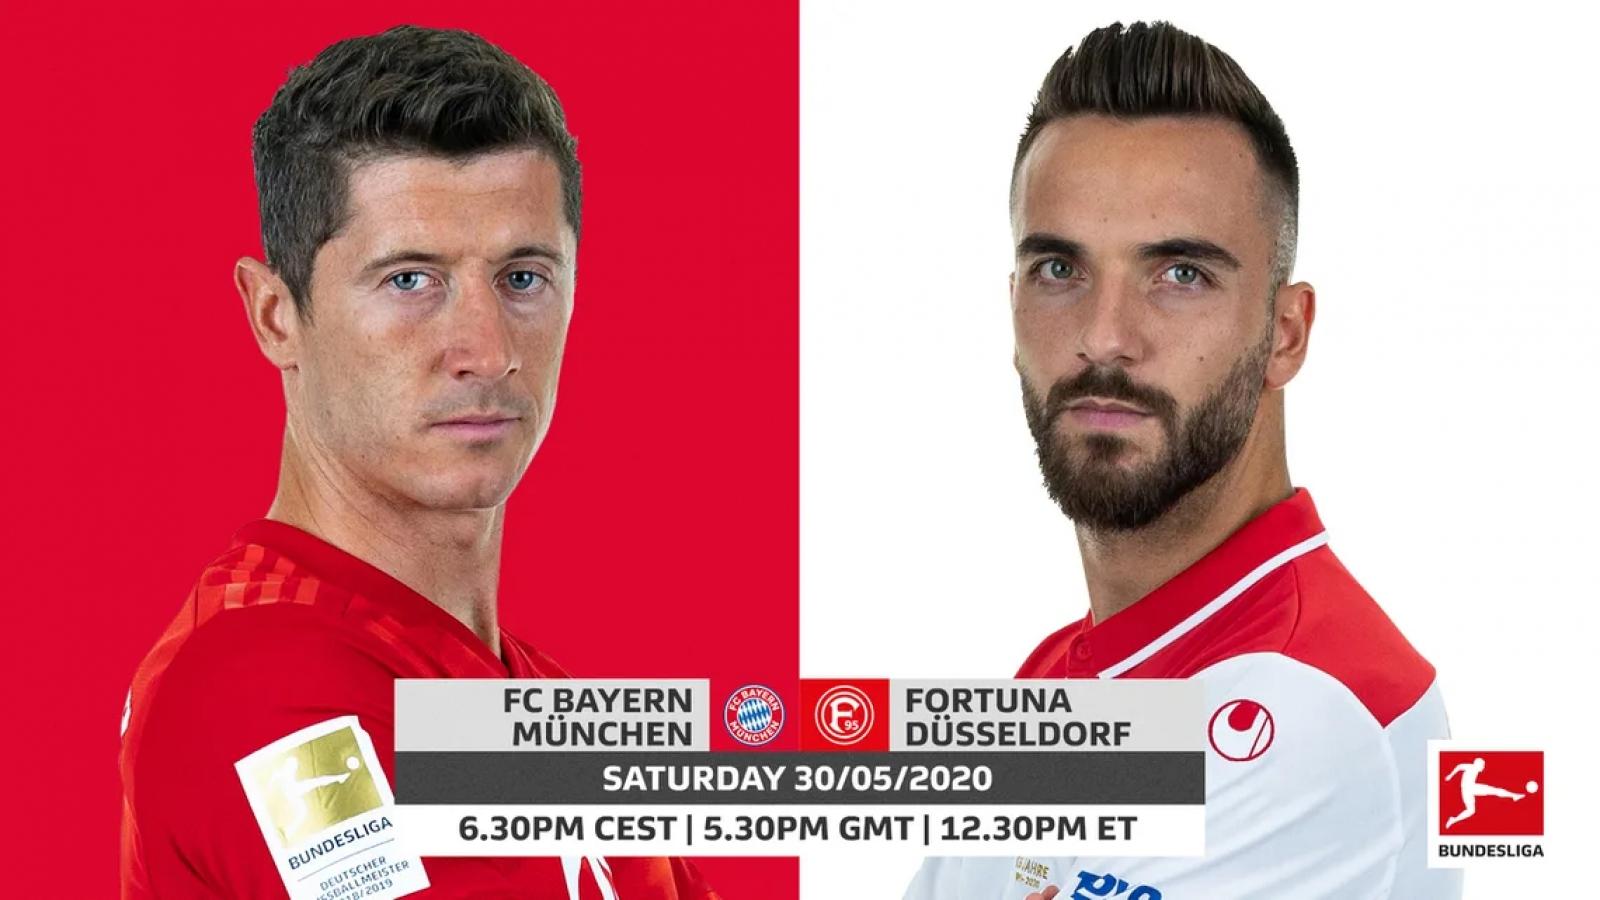 """Đội hình """"công cường thủ mạnh"""" hứa hẹn giúp Bayern hạ đẹp Dusseldorf"""